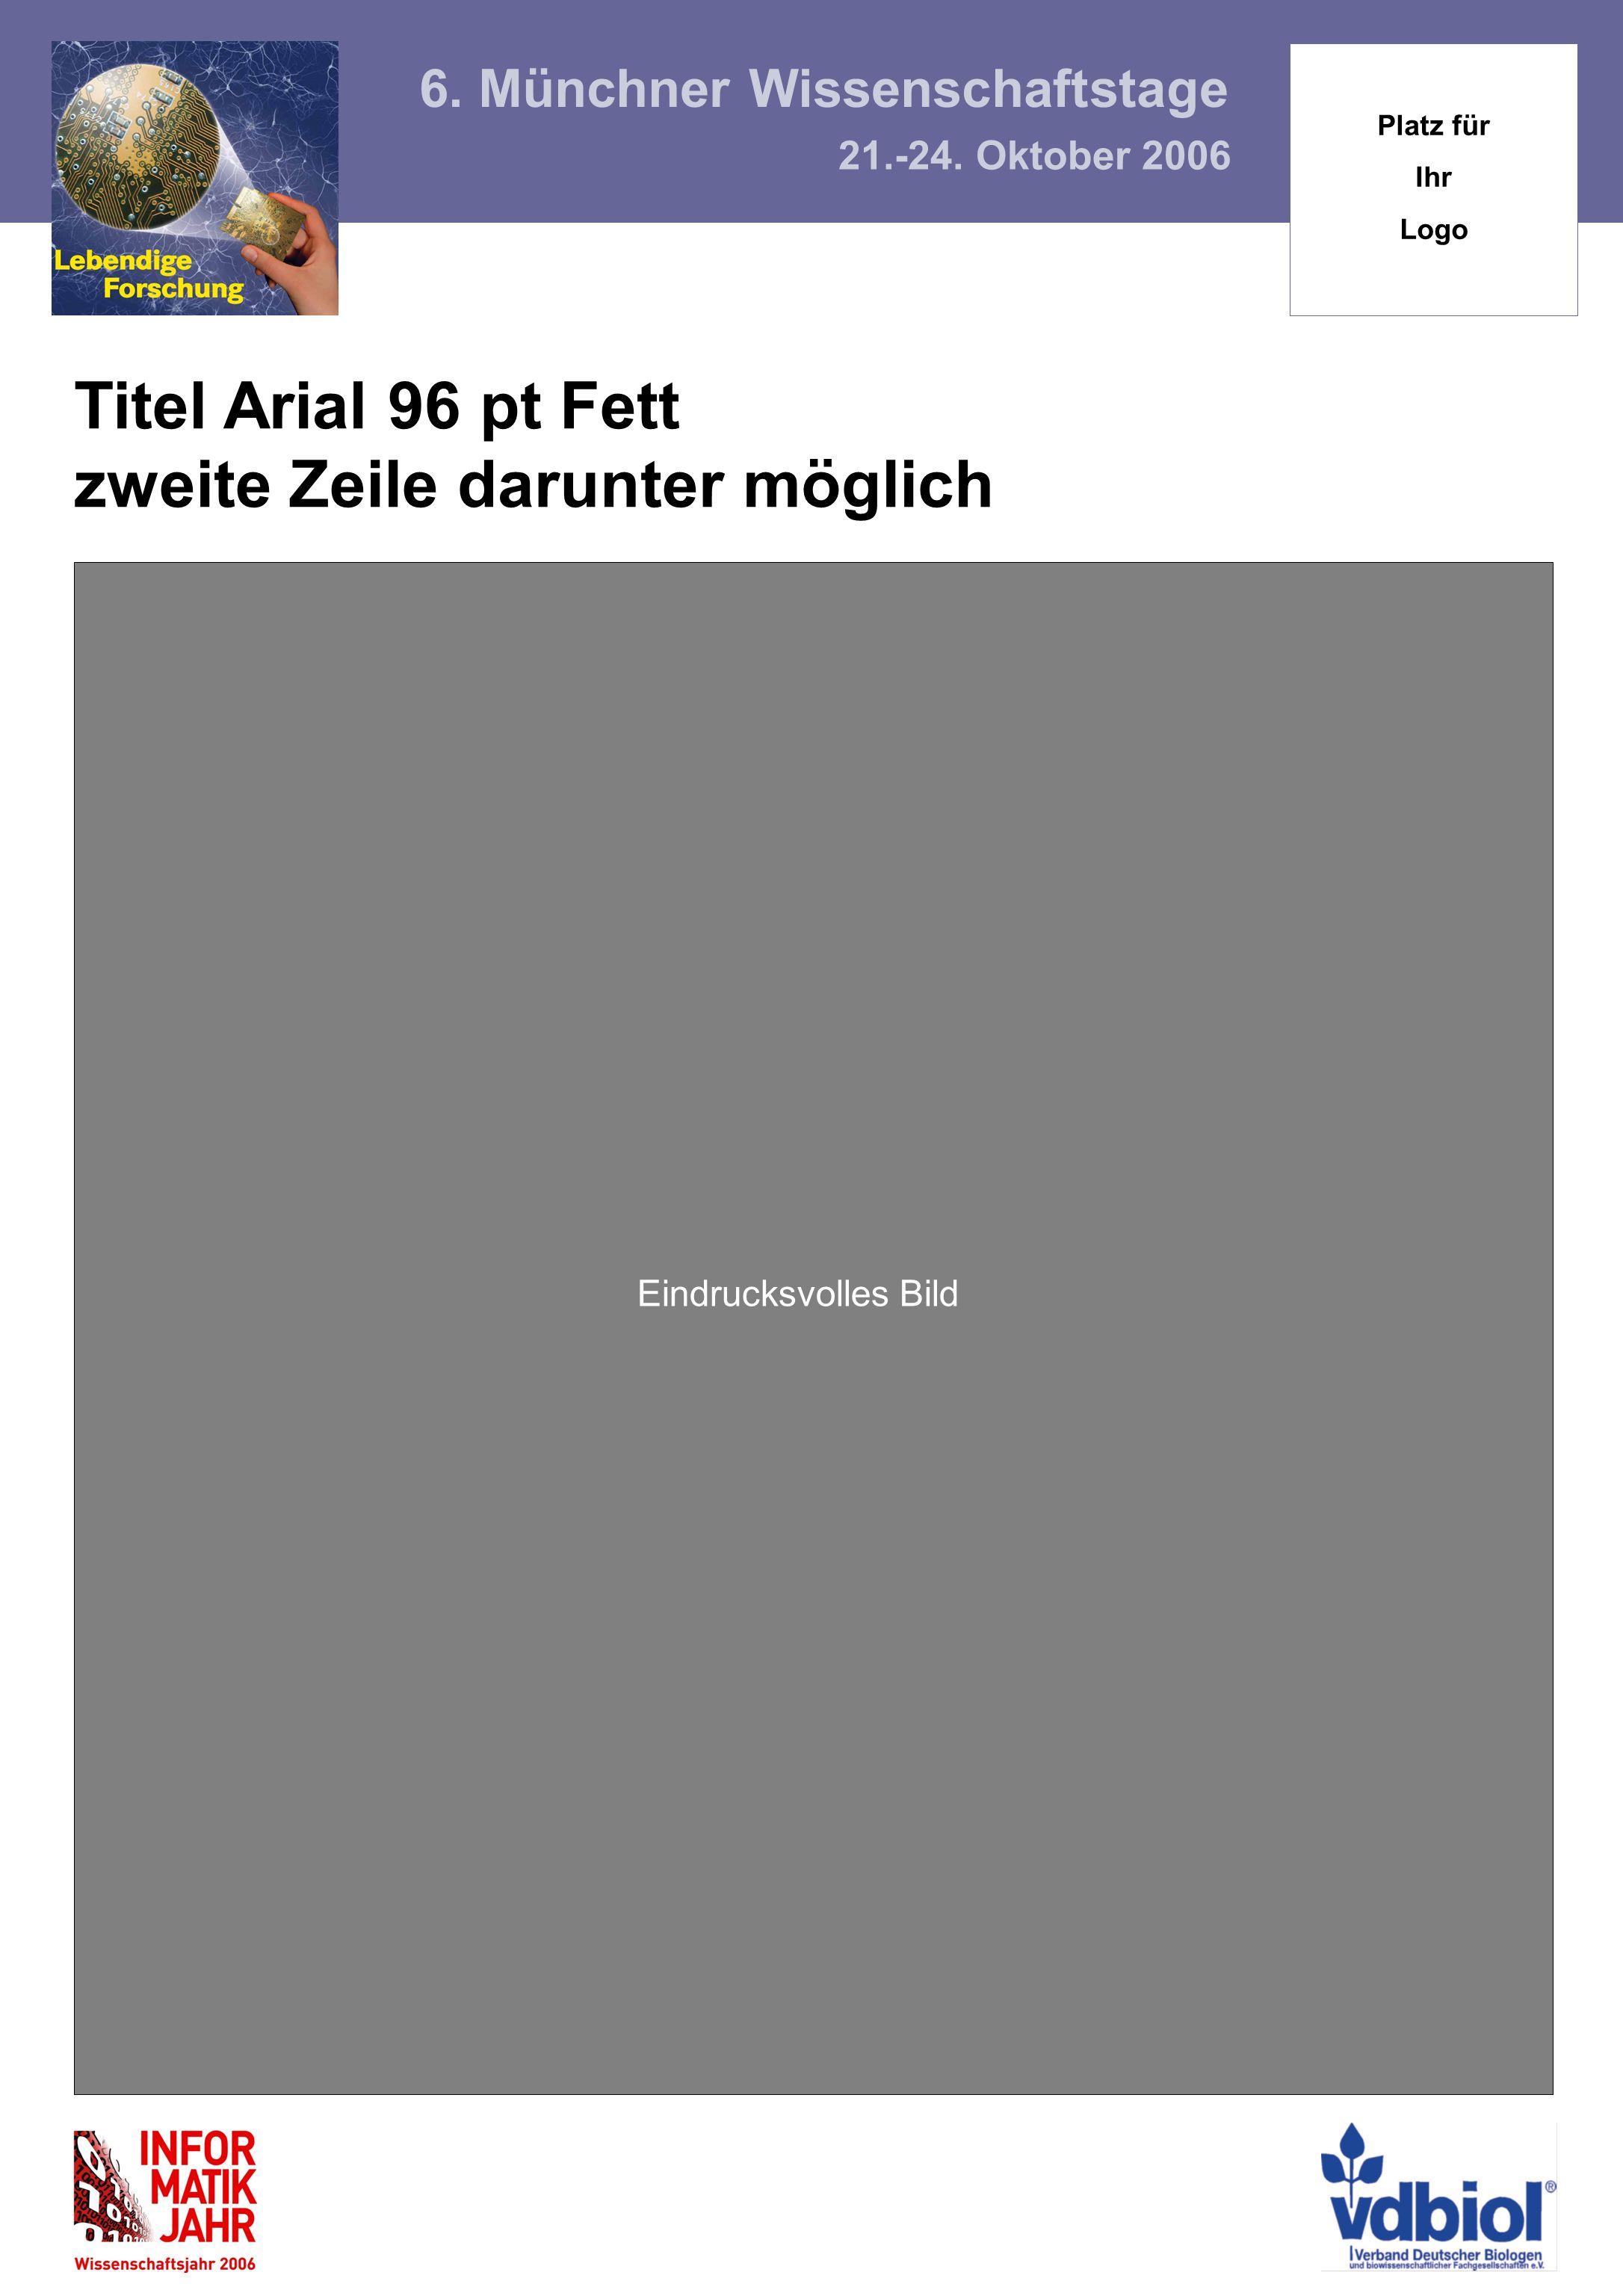 Titel Arial 96 pt Fett zweite Zeile darunter möglich Eindrucksvolles Bild 6. Münchner Wissenschaftstage 21.-24. Oktober 2006 Platz für Ihr Logo